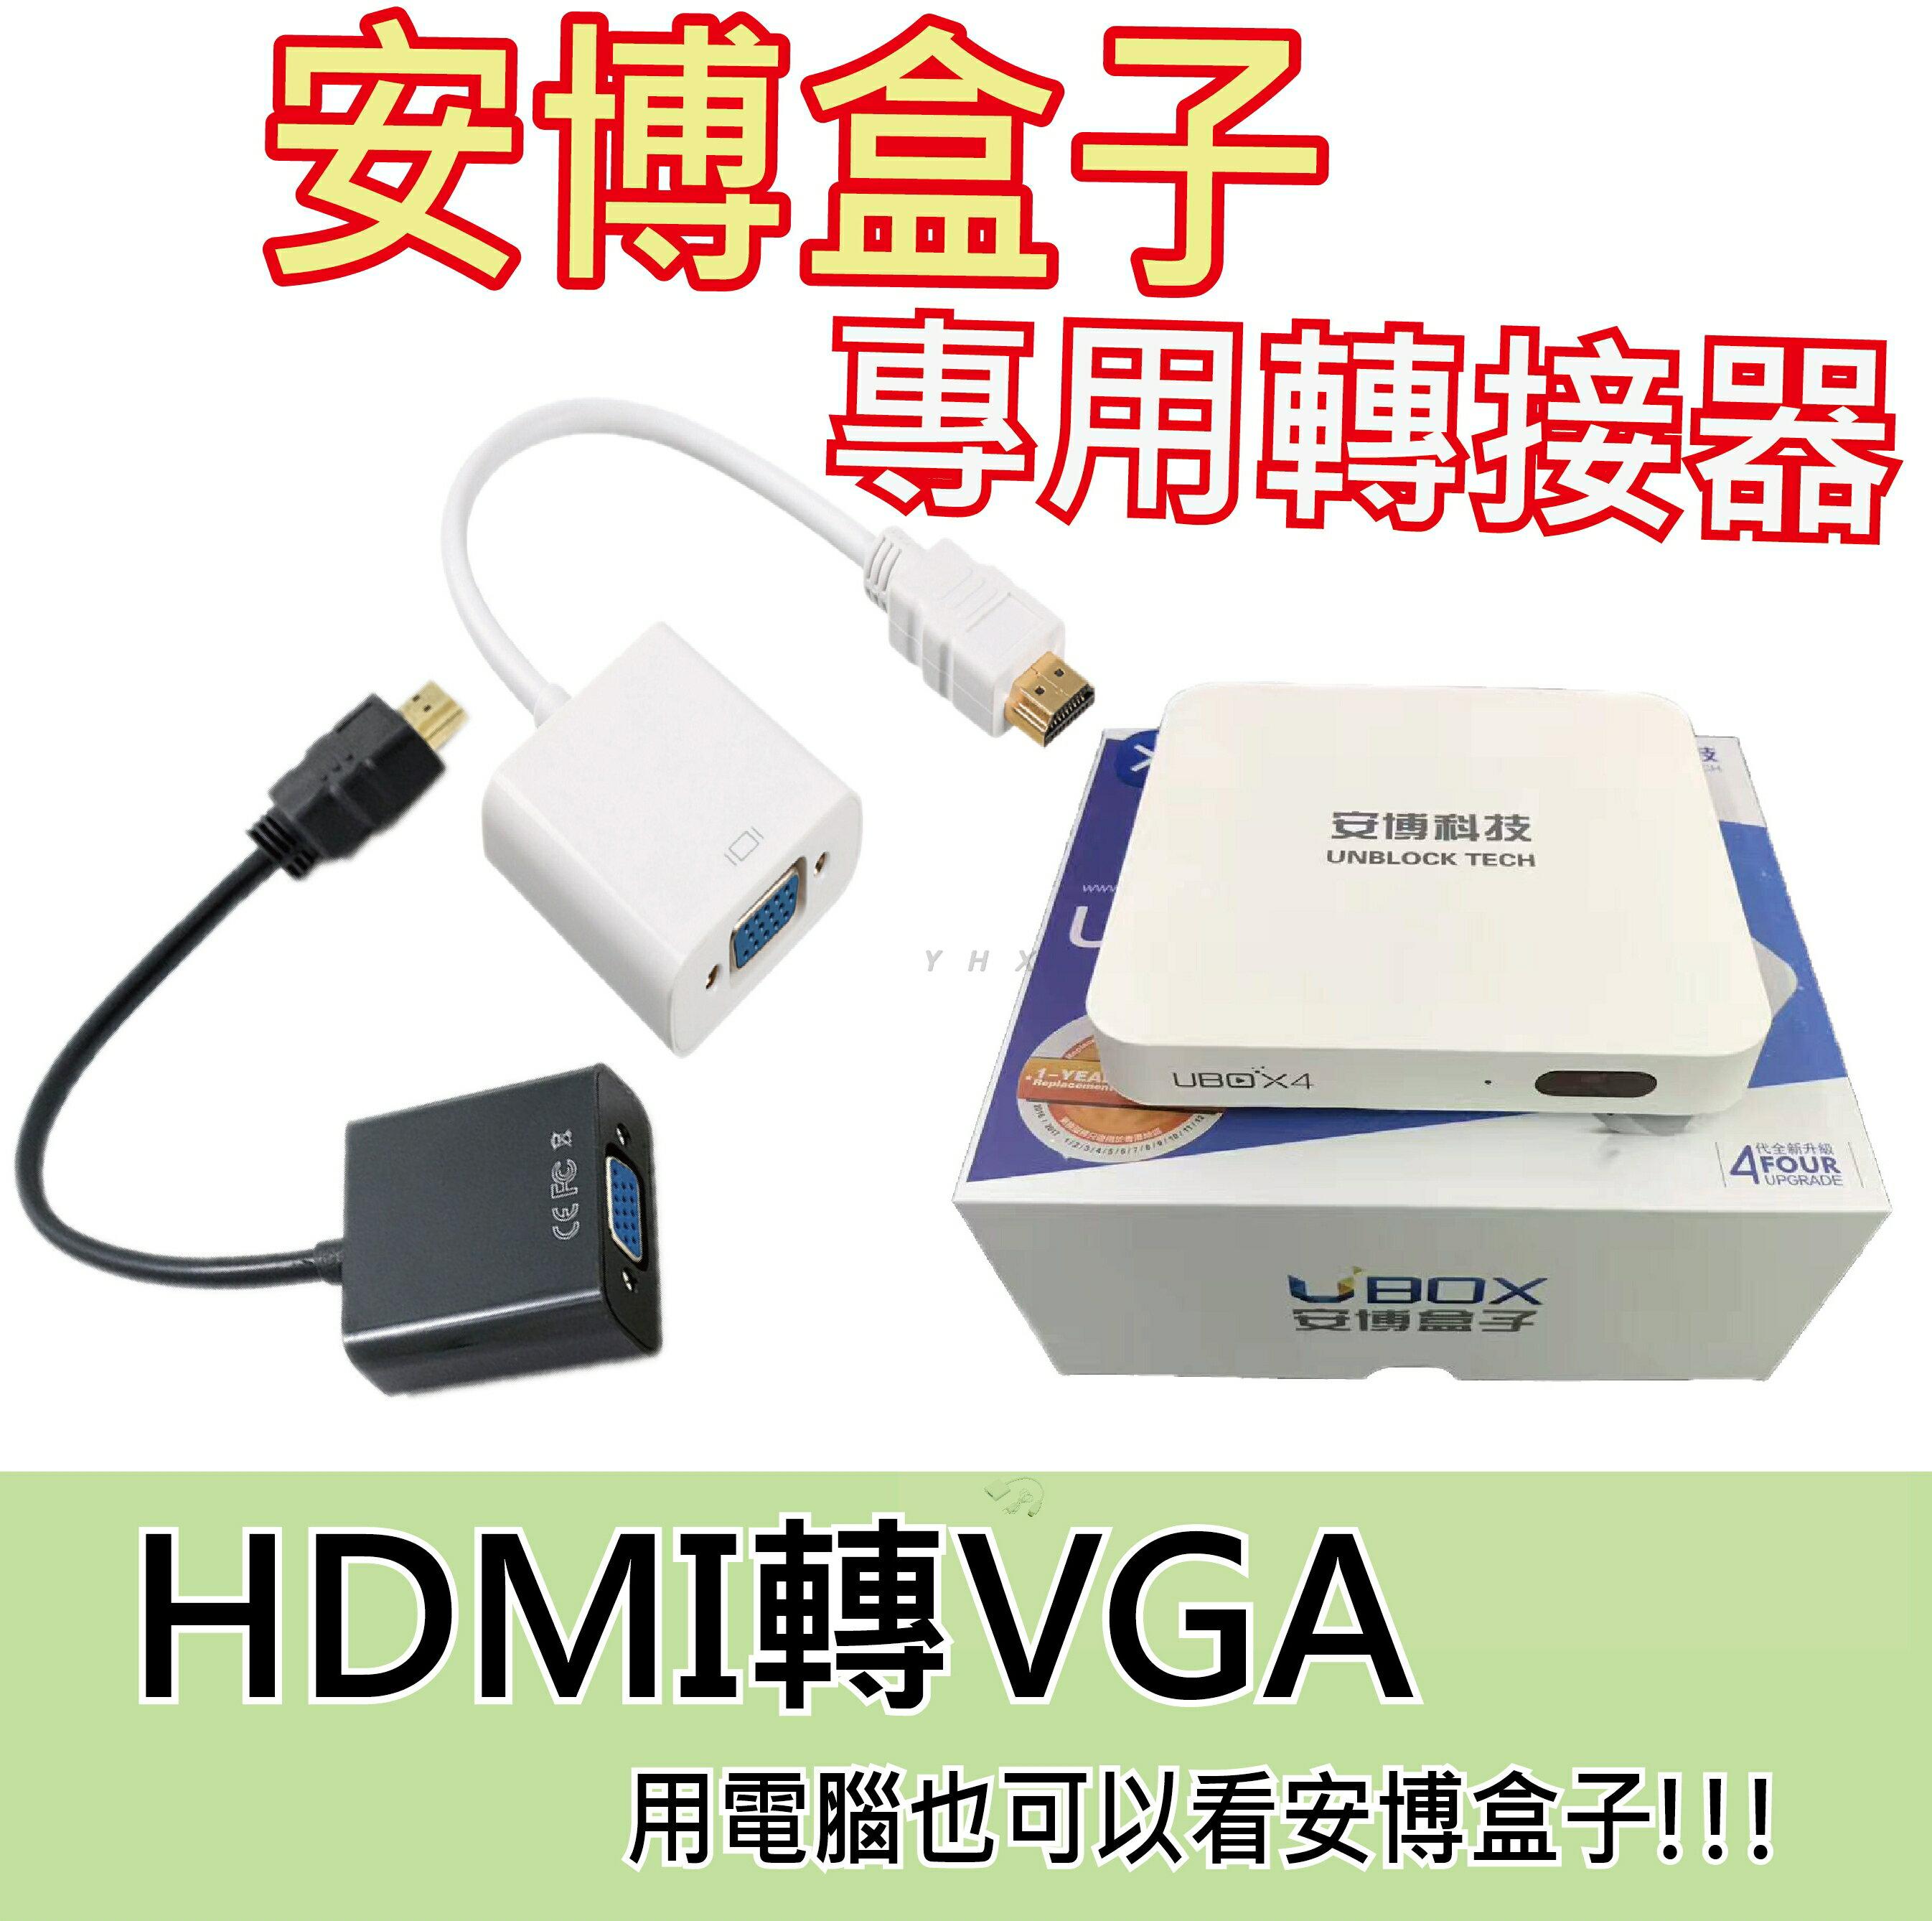 降價!安博盒子 轉接器! 用電腦就能看安博盒子 電視盒 HDMI轉VGA 安博盒子3 安博